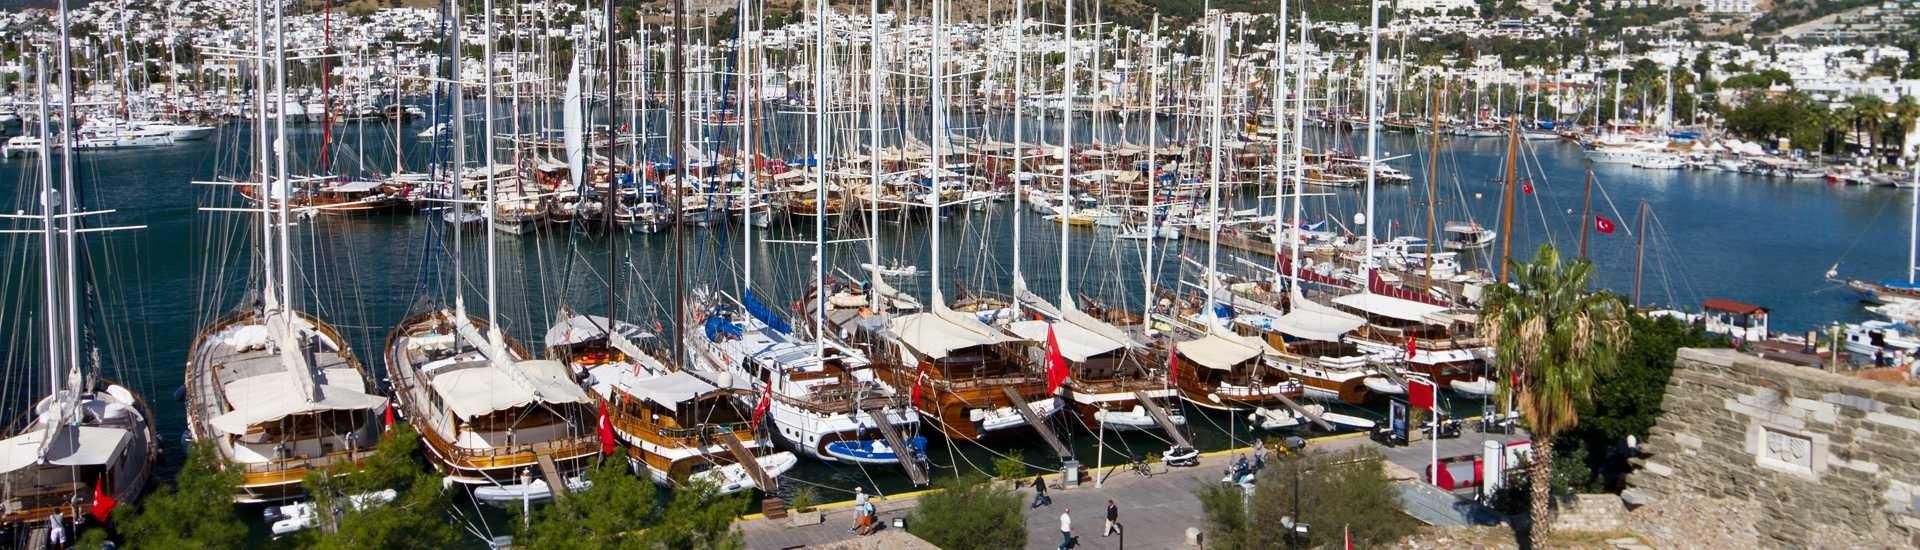 Türkei Motorseglern und Gulets 2